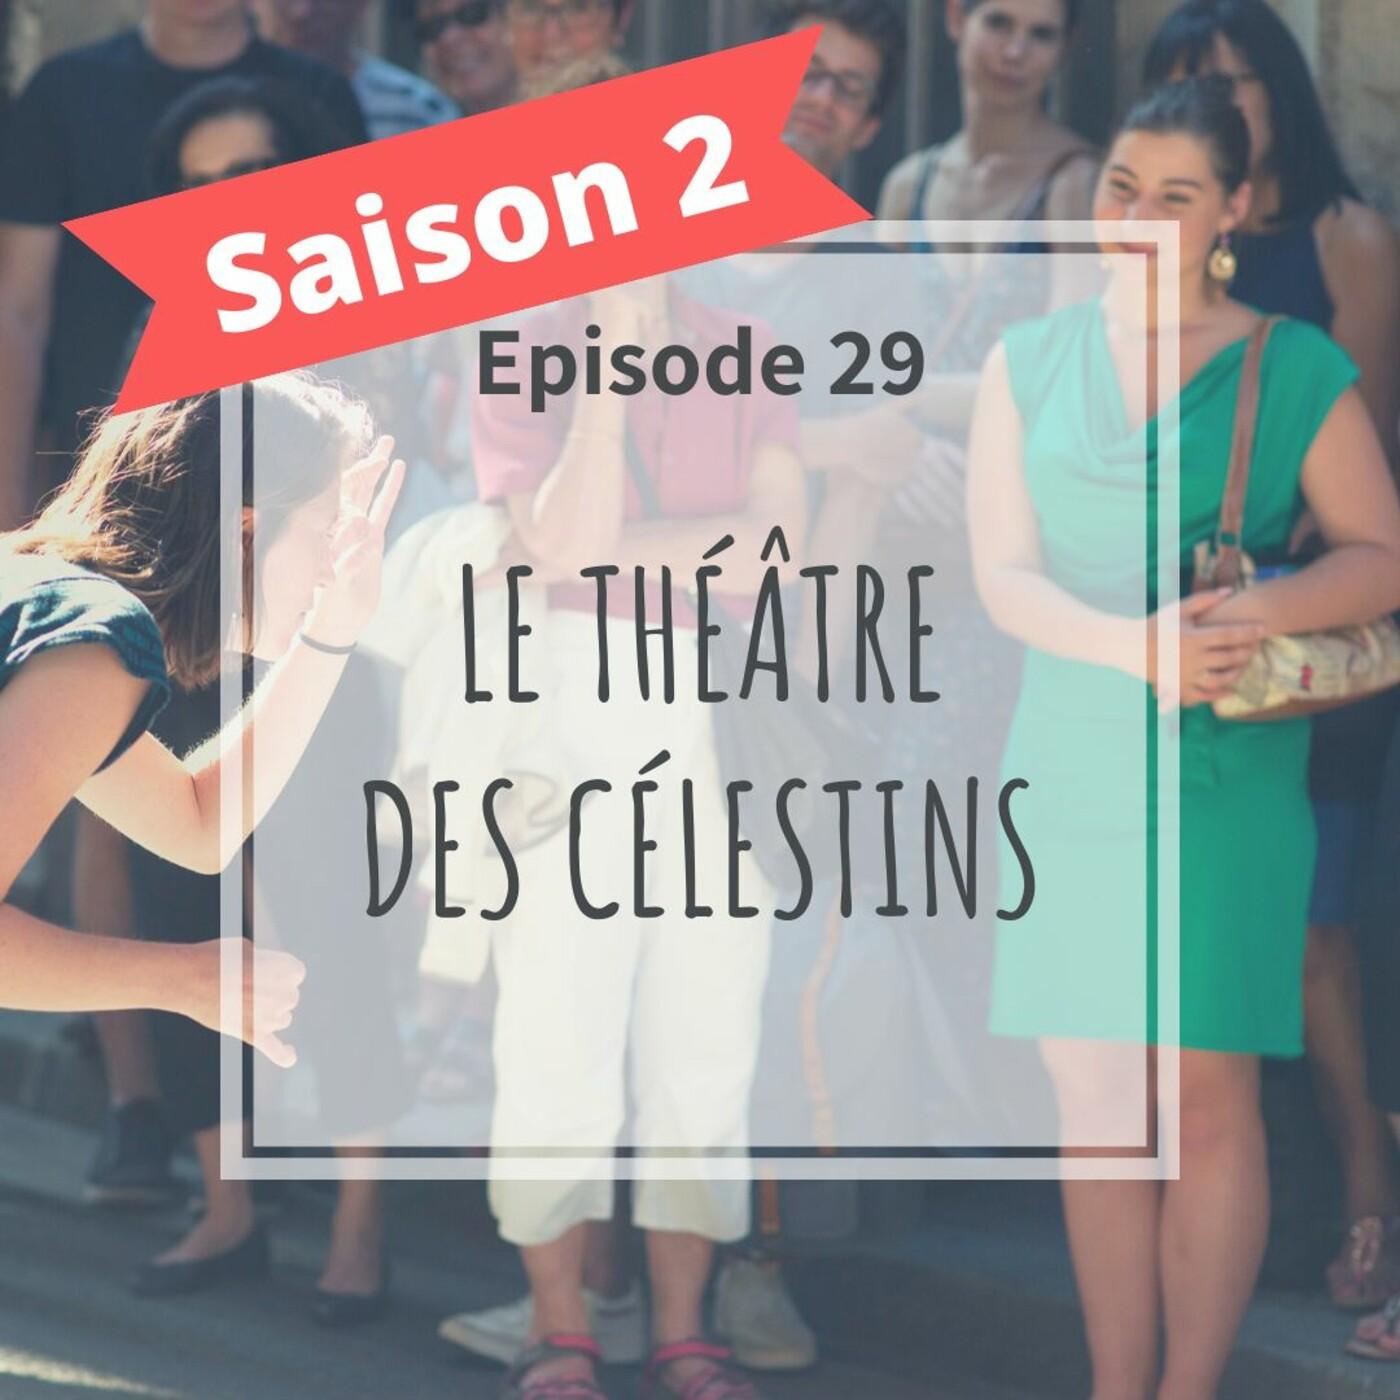 2-29 - Le Théâtre Des Célestin